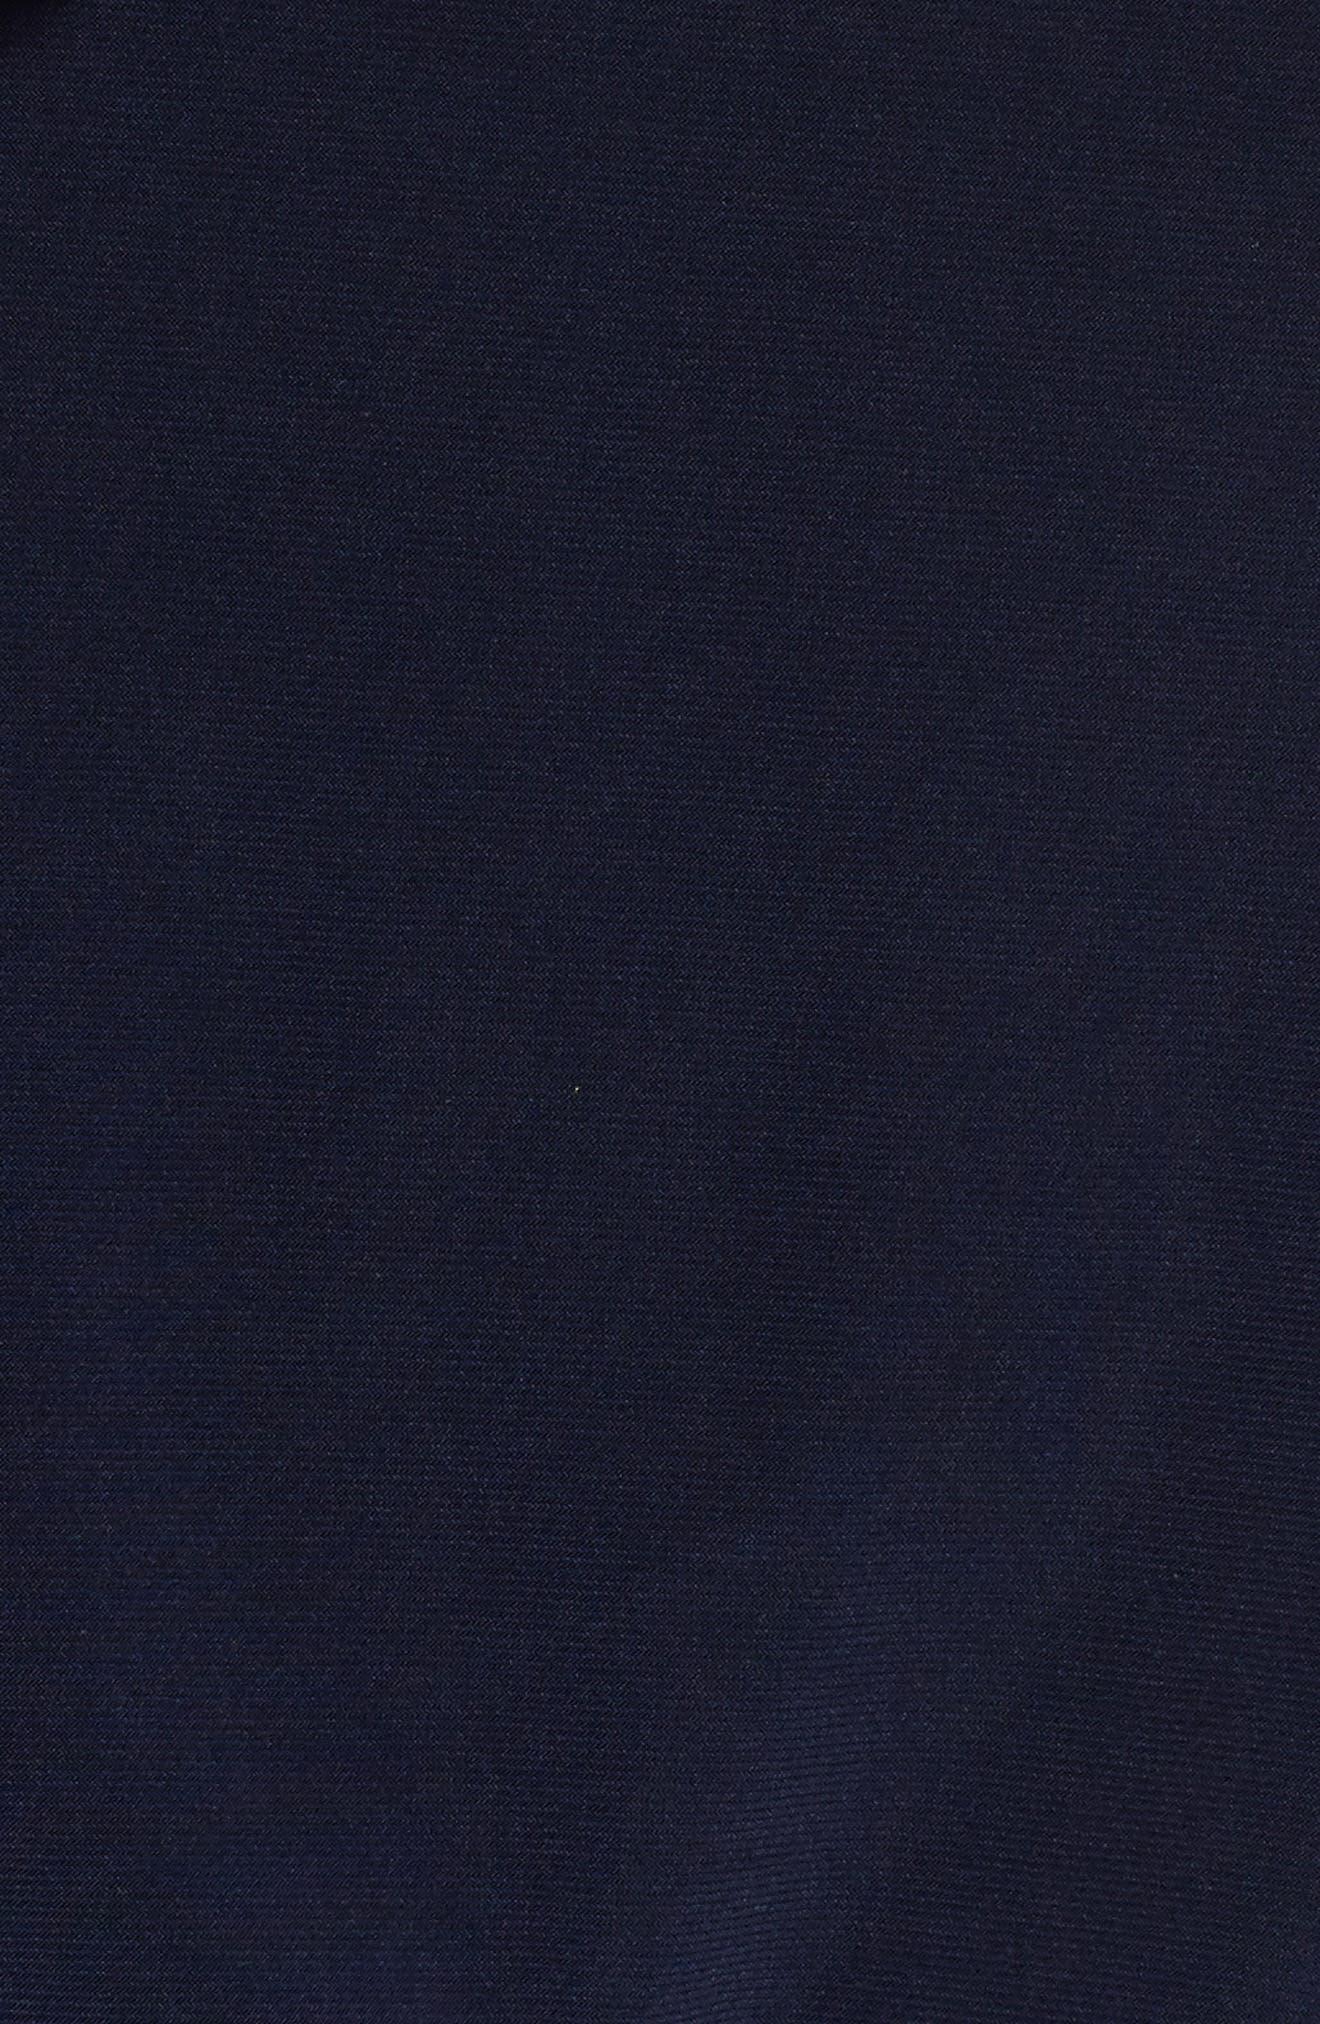 Chain Neck Cold Shoulder Jumpsuit,                             Alternate thumbnail 6, color,                             400